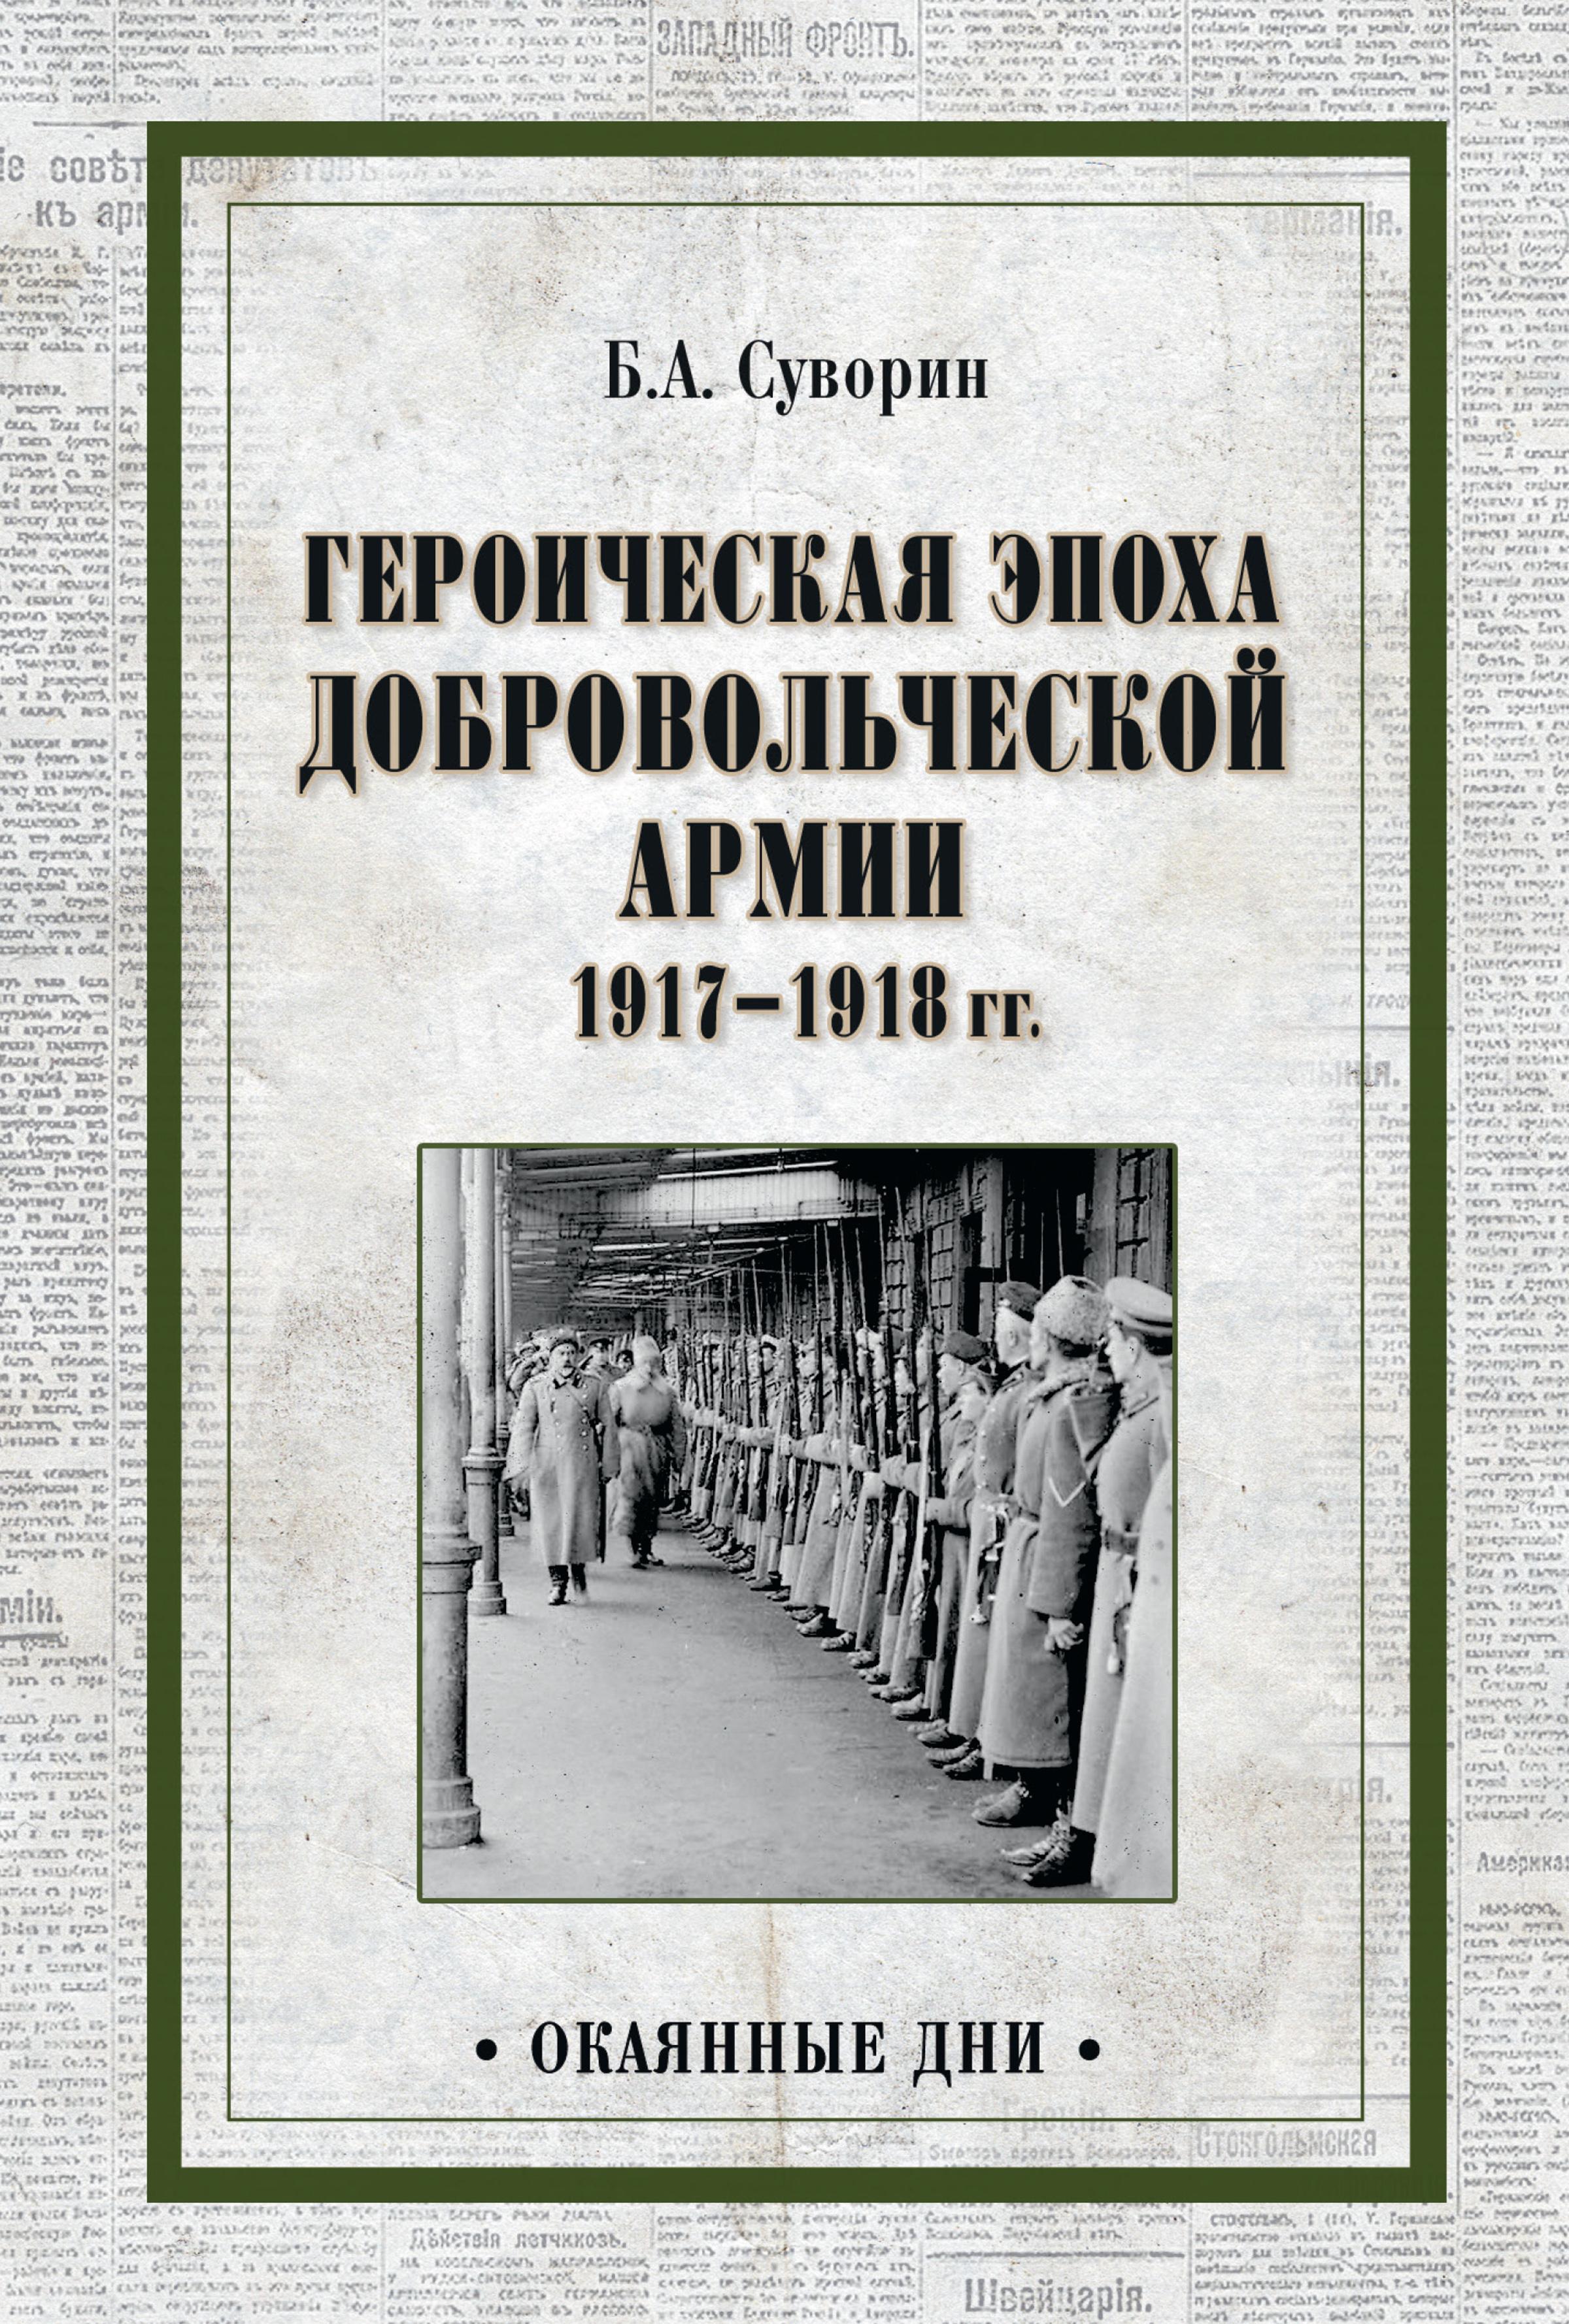 Героическая эпоха Добровольческой армии 1917—1918 гг.